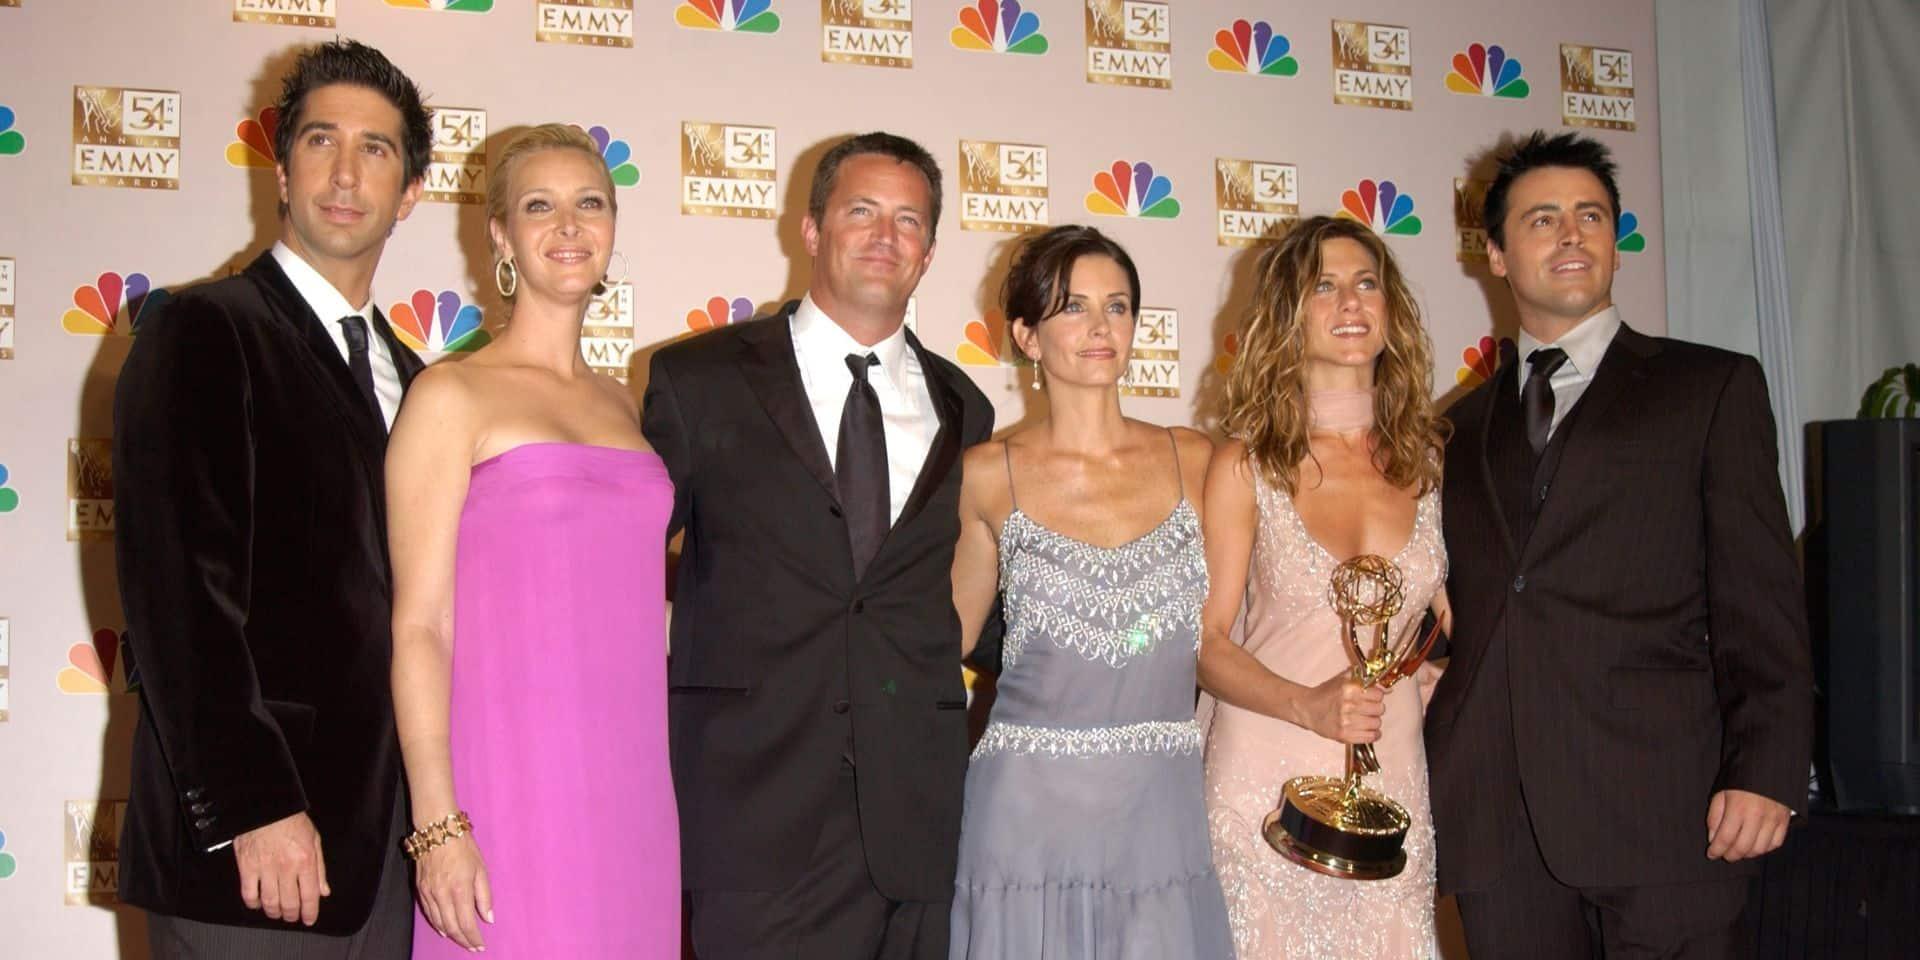 """La """"réunion"""" des acteurs de Friends, c'est pour bientôt: la date de diffusion de l'épisode dévoilée"""